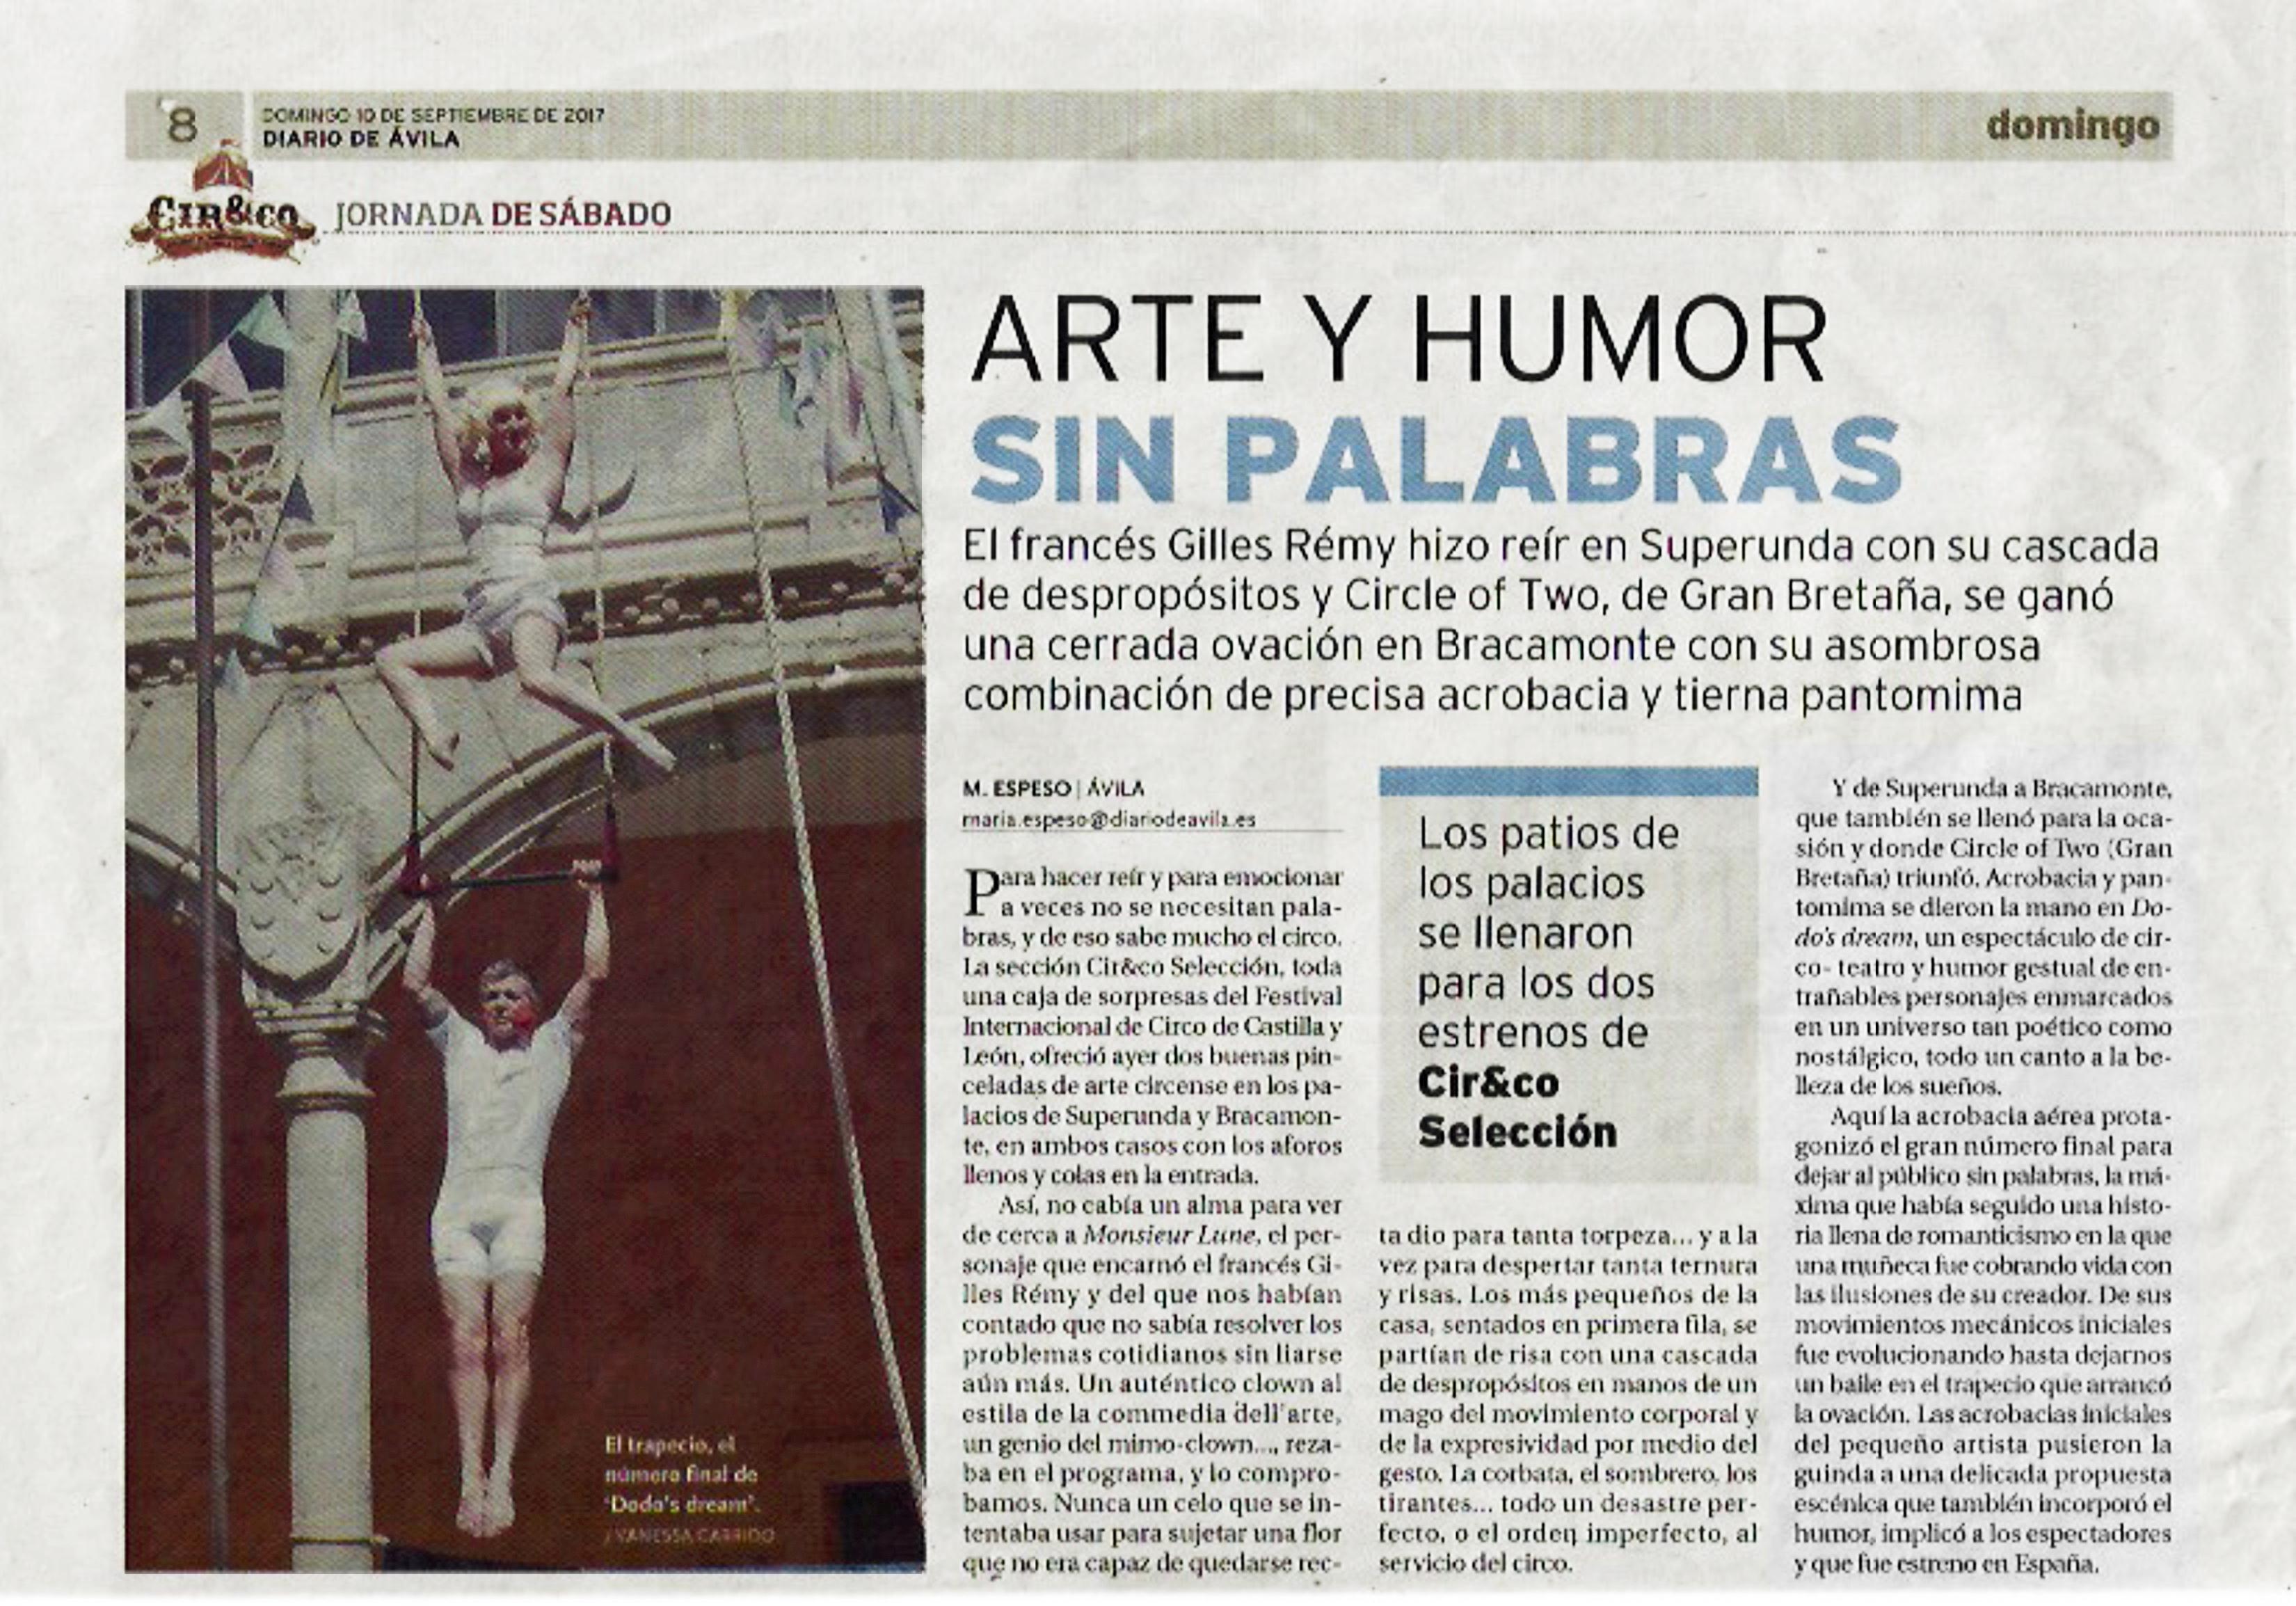 Diario de Avila 2